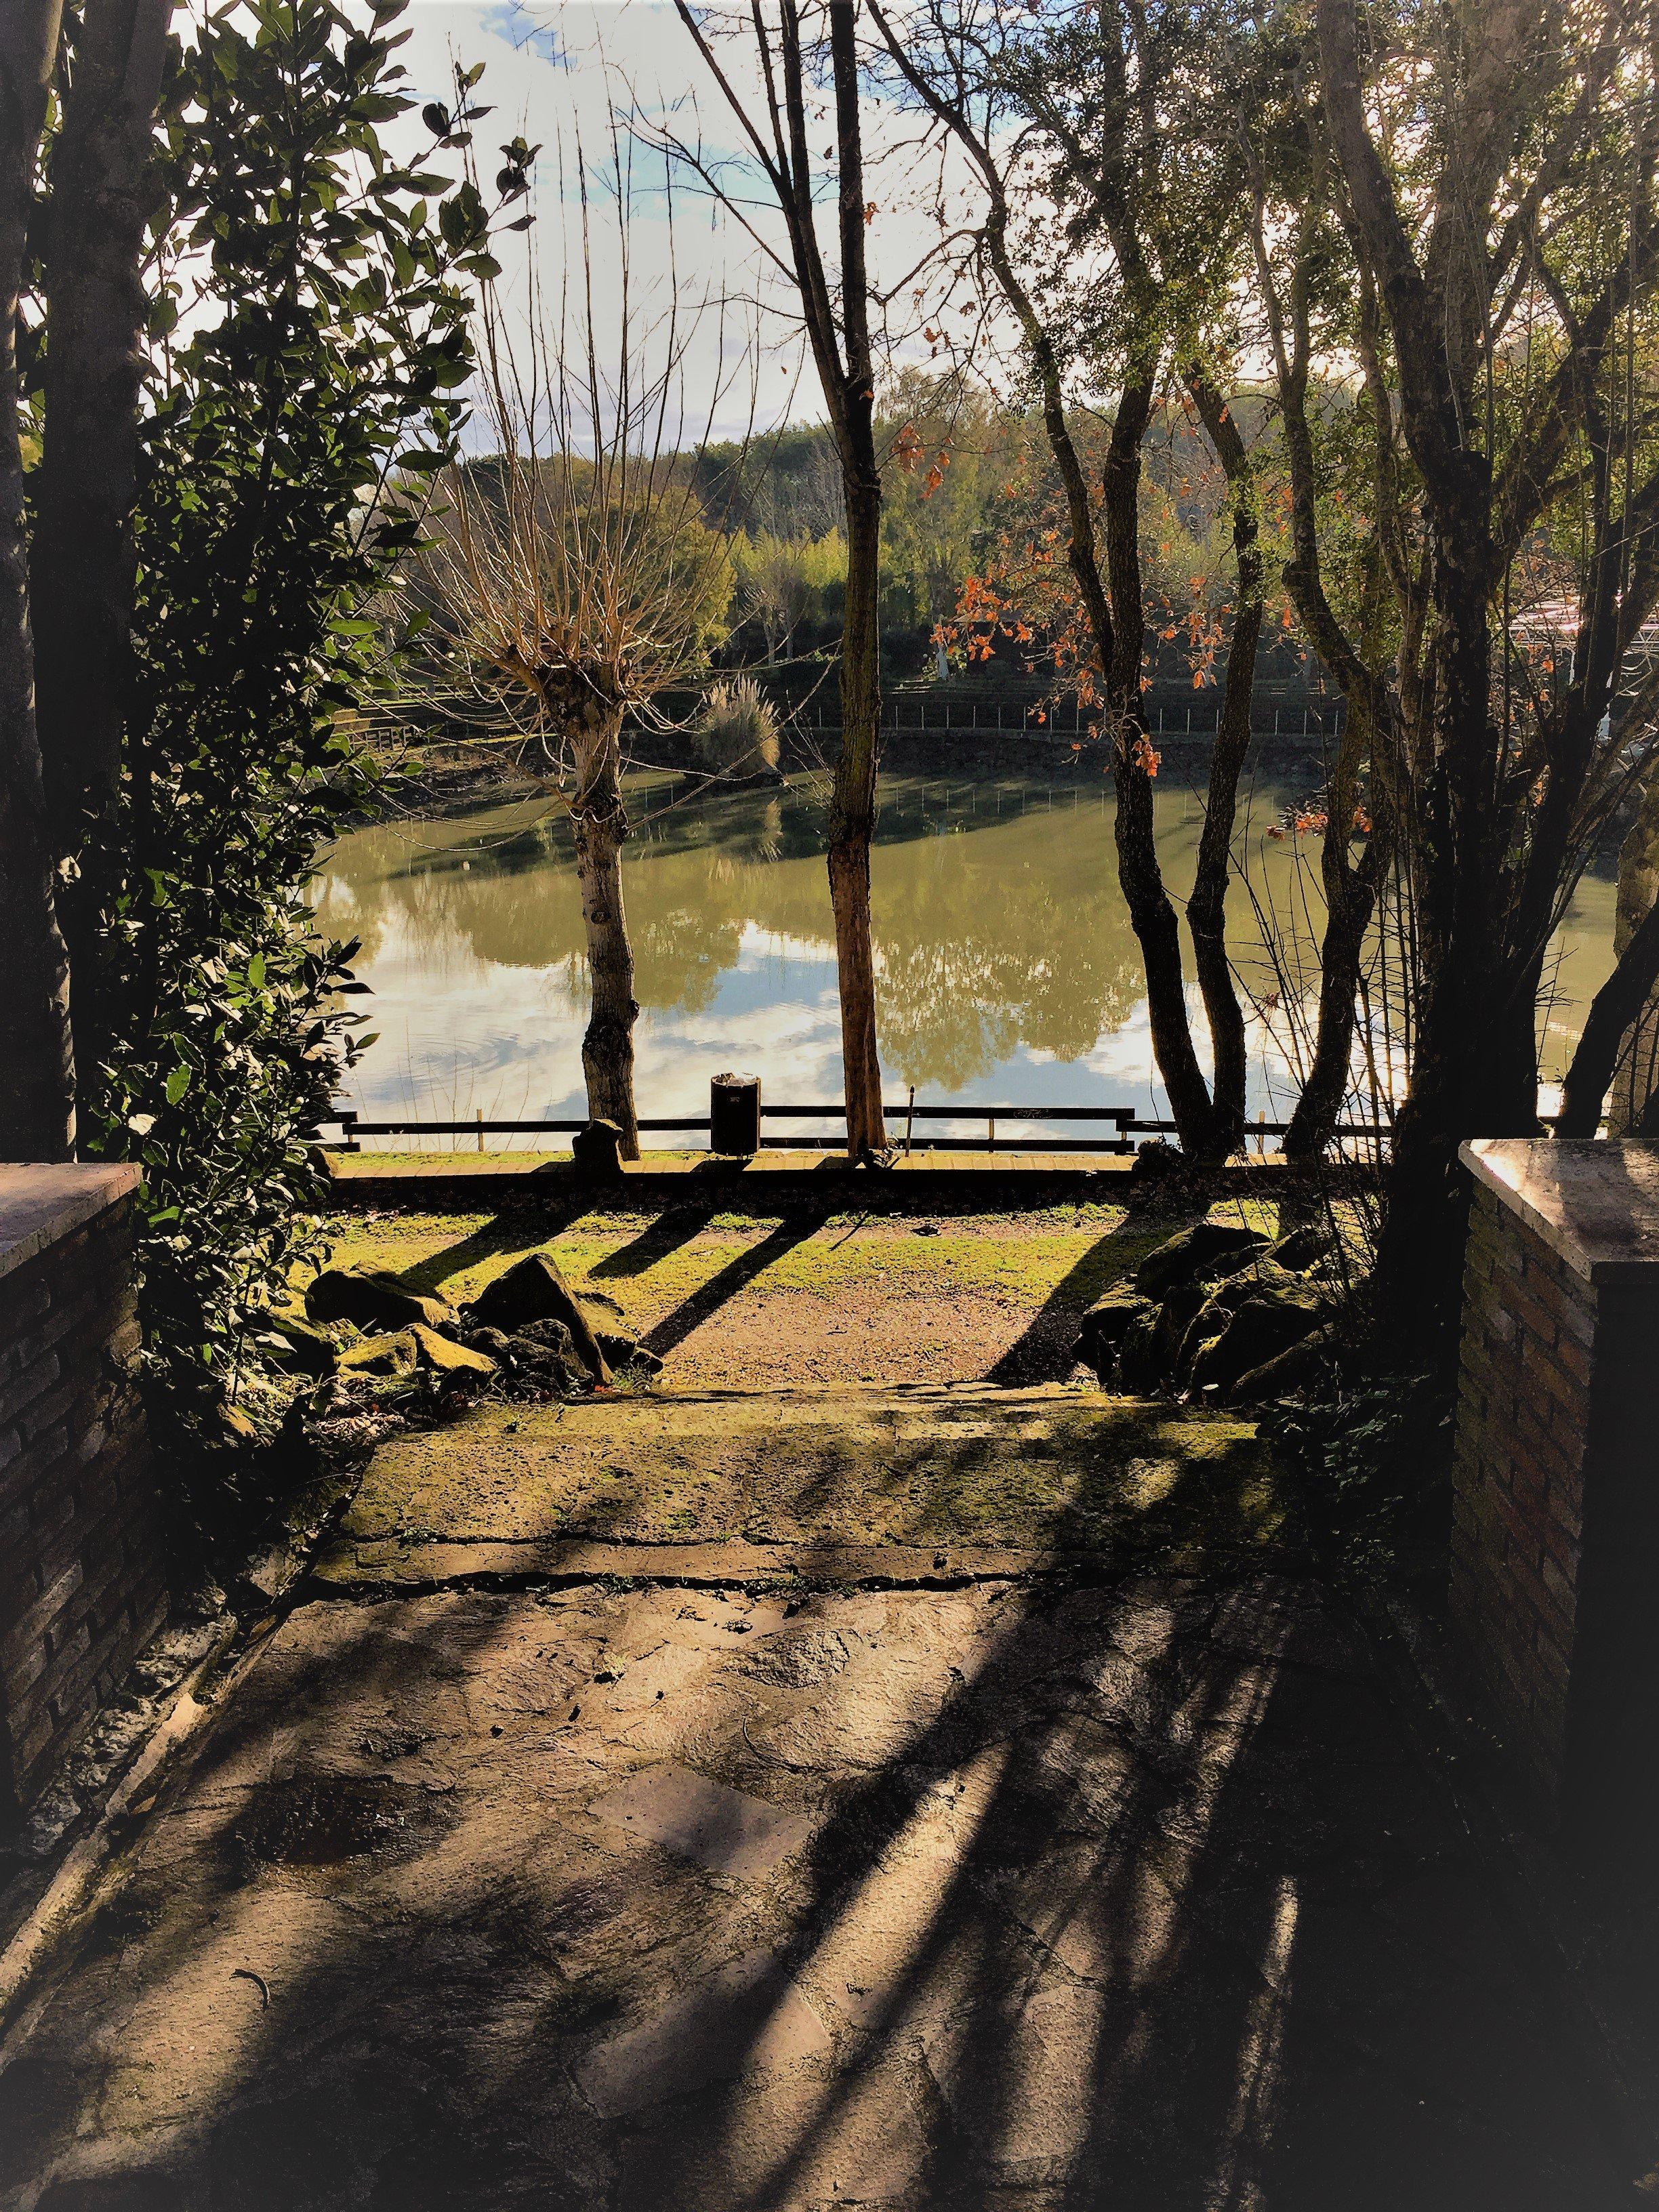 Vista della riva di un lago fiancheggiata da alberi